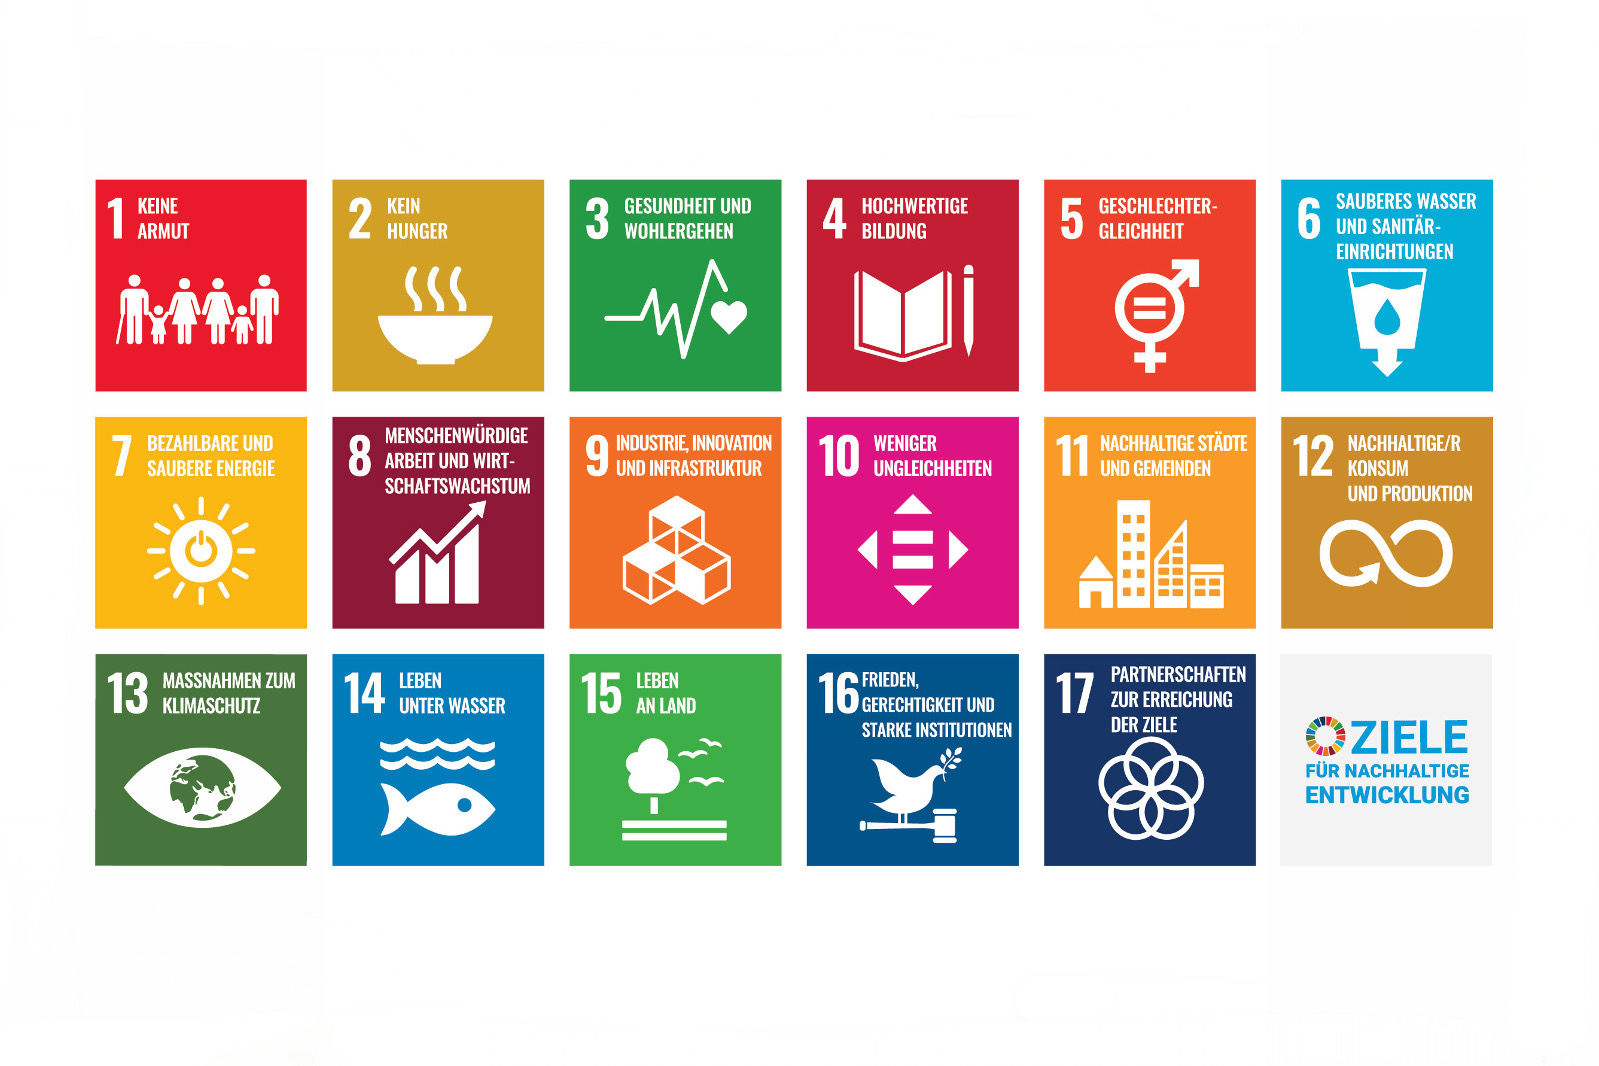 Poster mit den 17 Zielen zur nachhaltigen Entwicklung